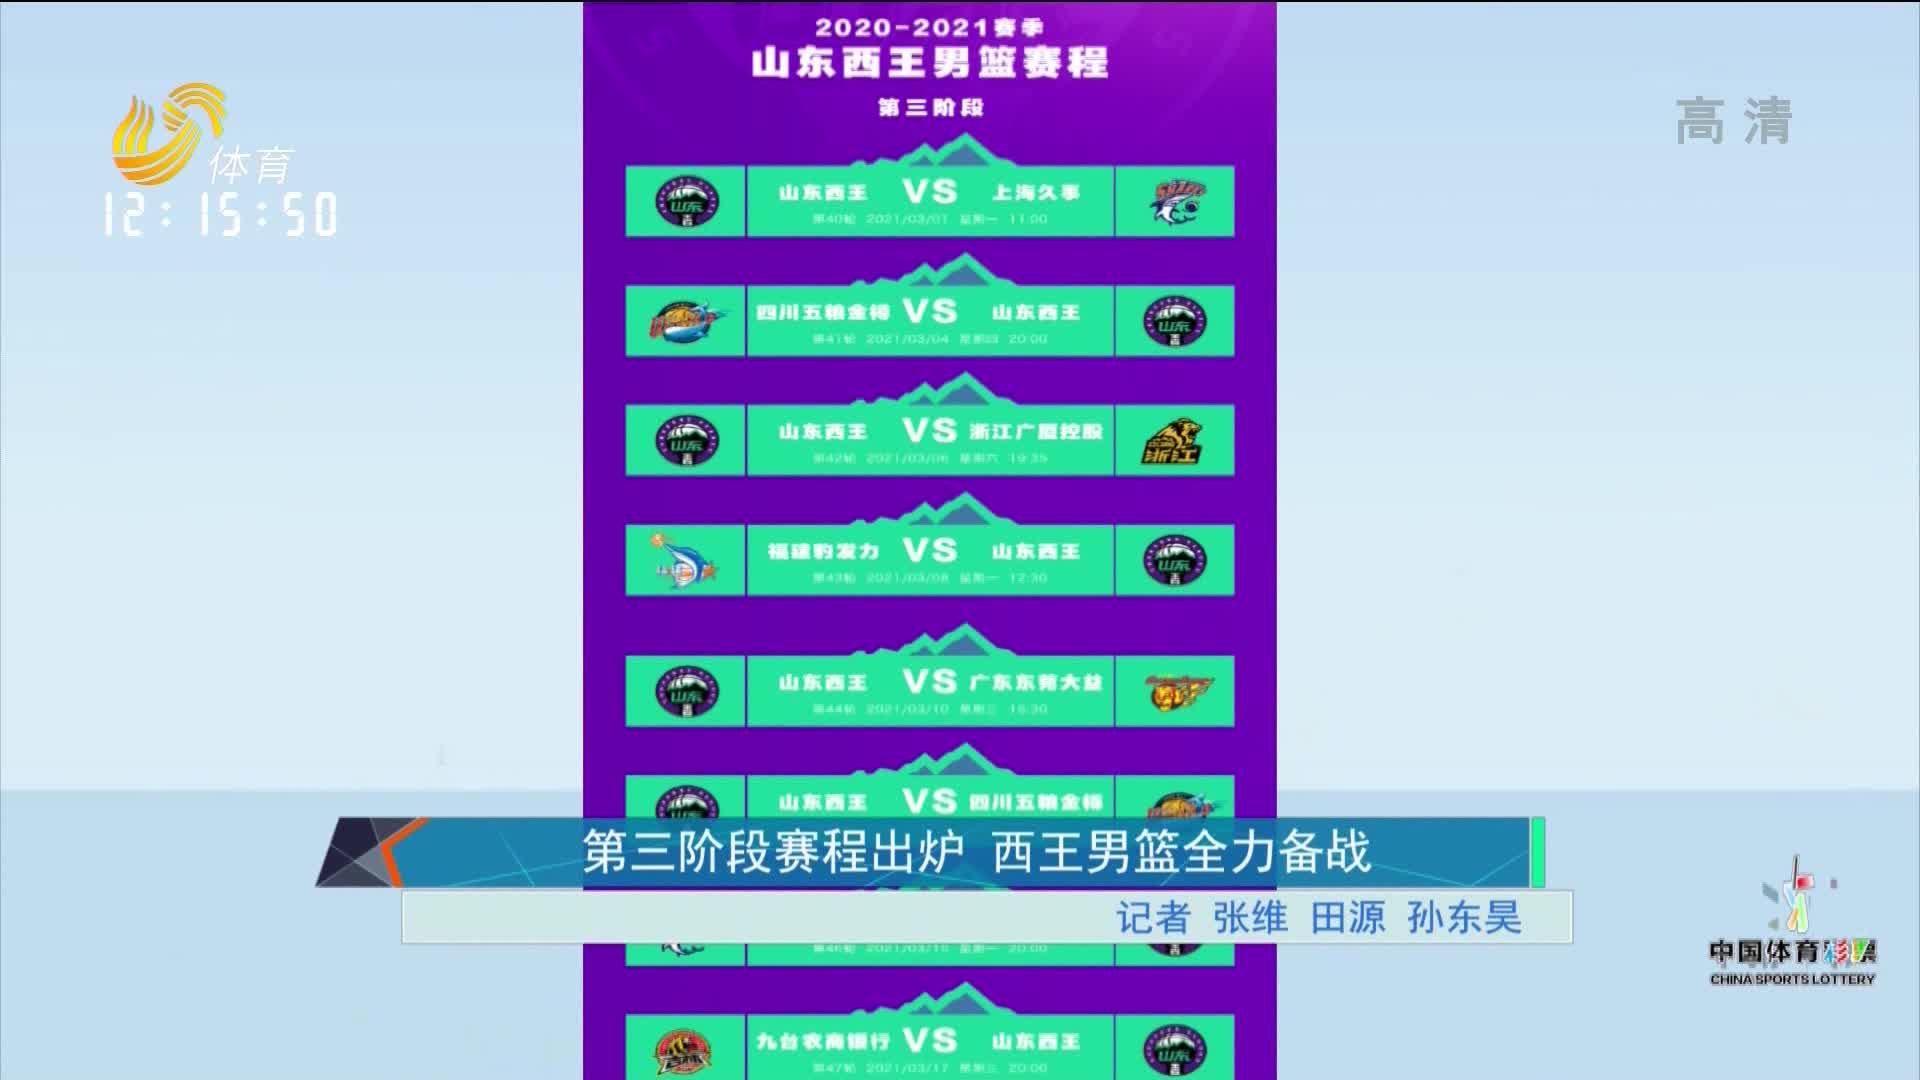 第三阶段赛程出炉 西王男篮全力备战